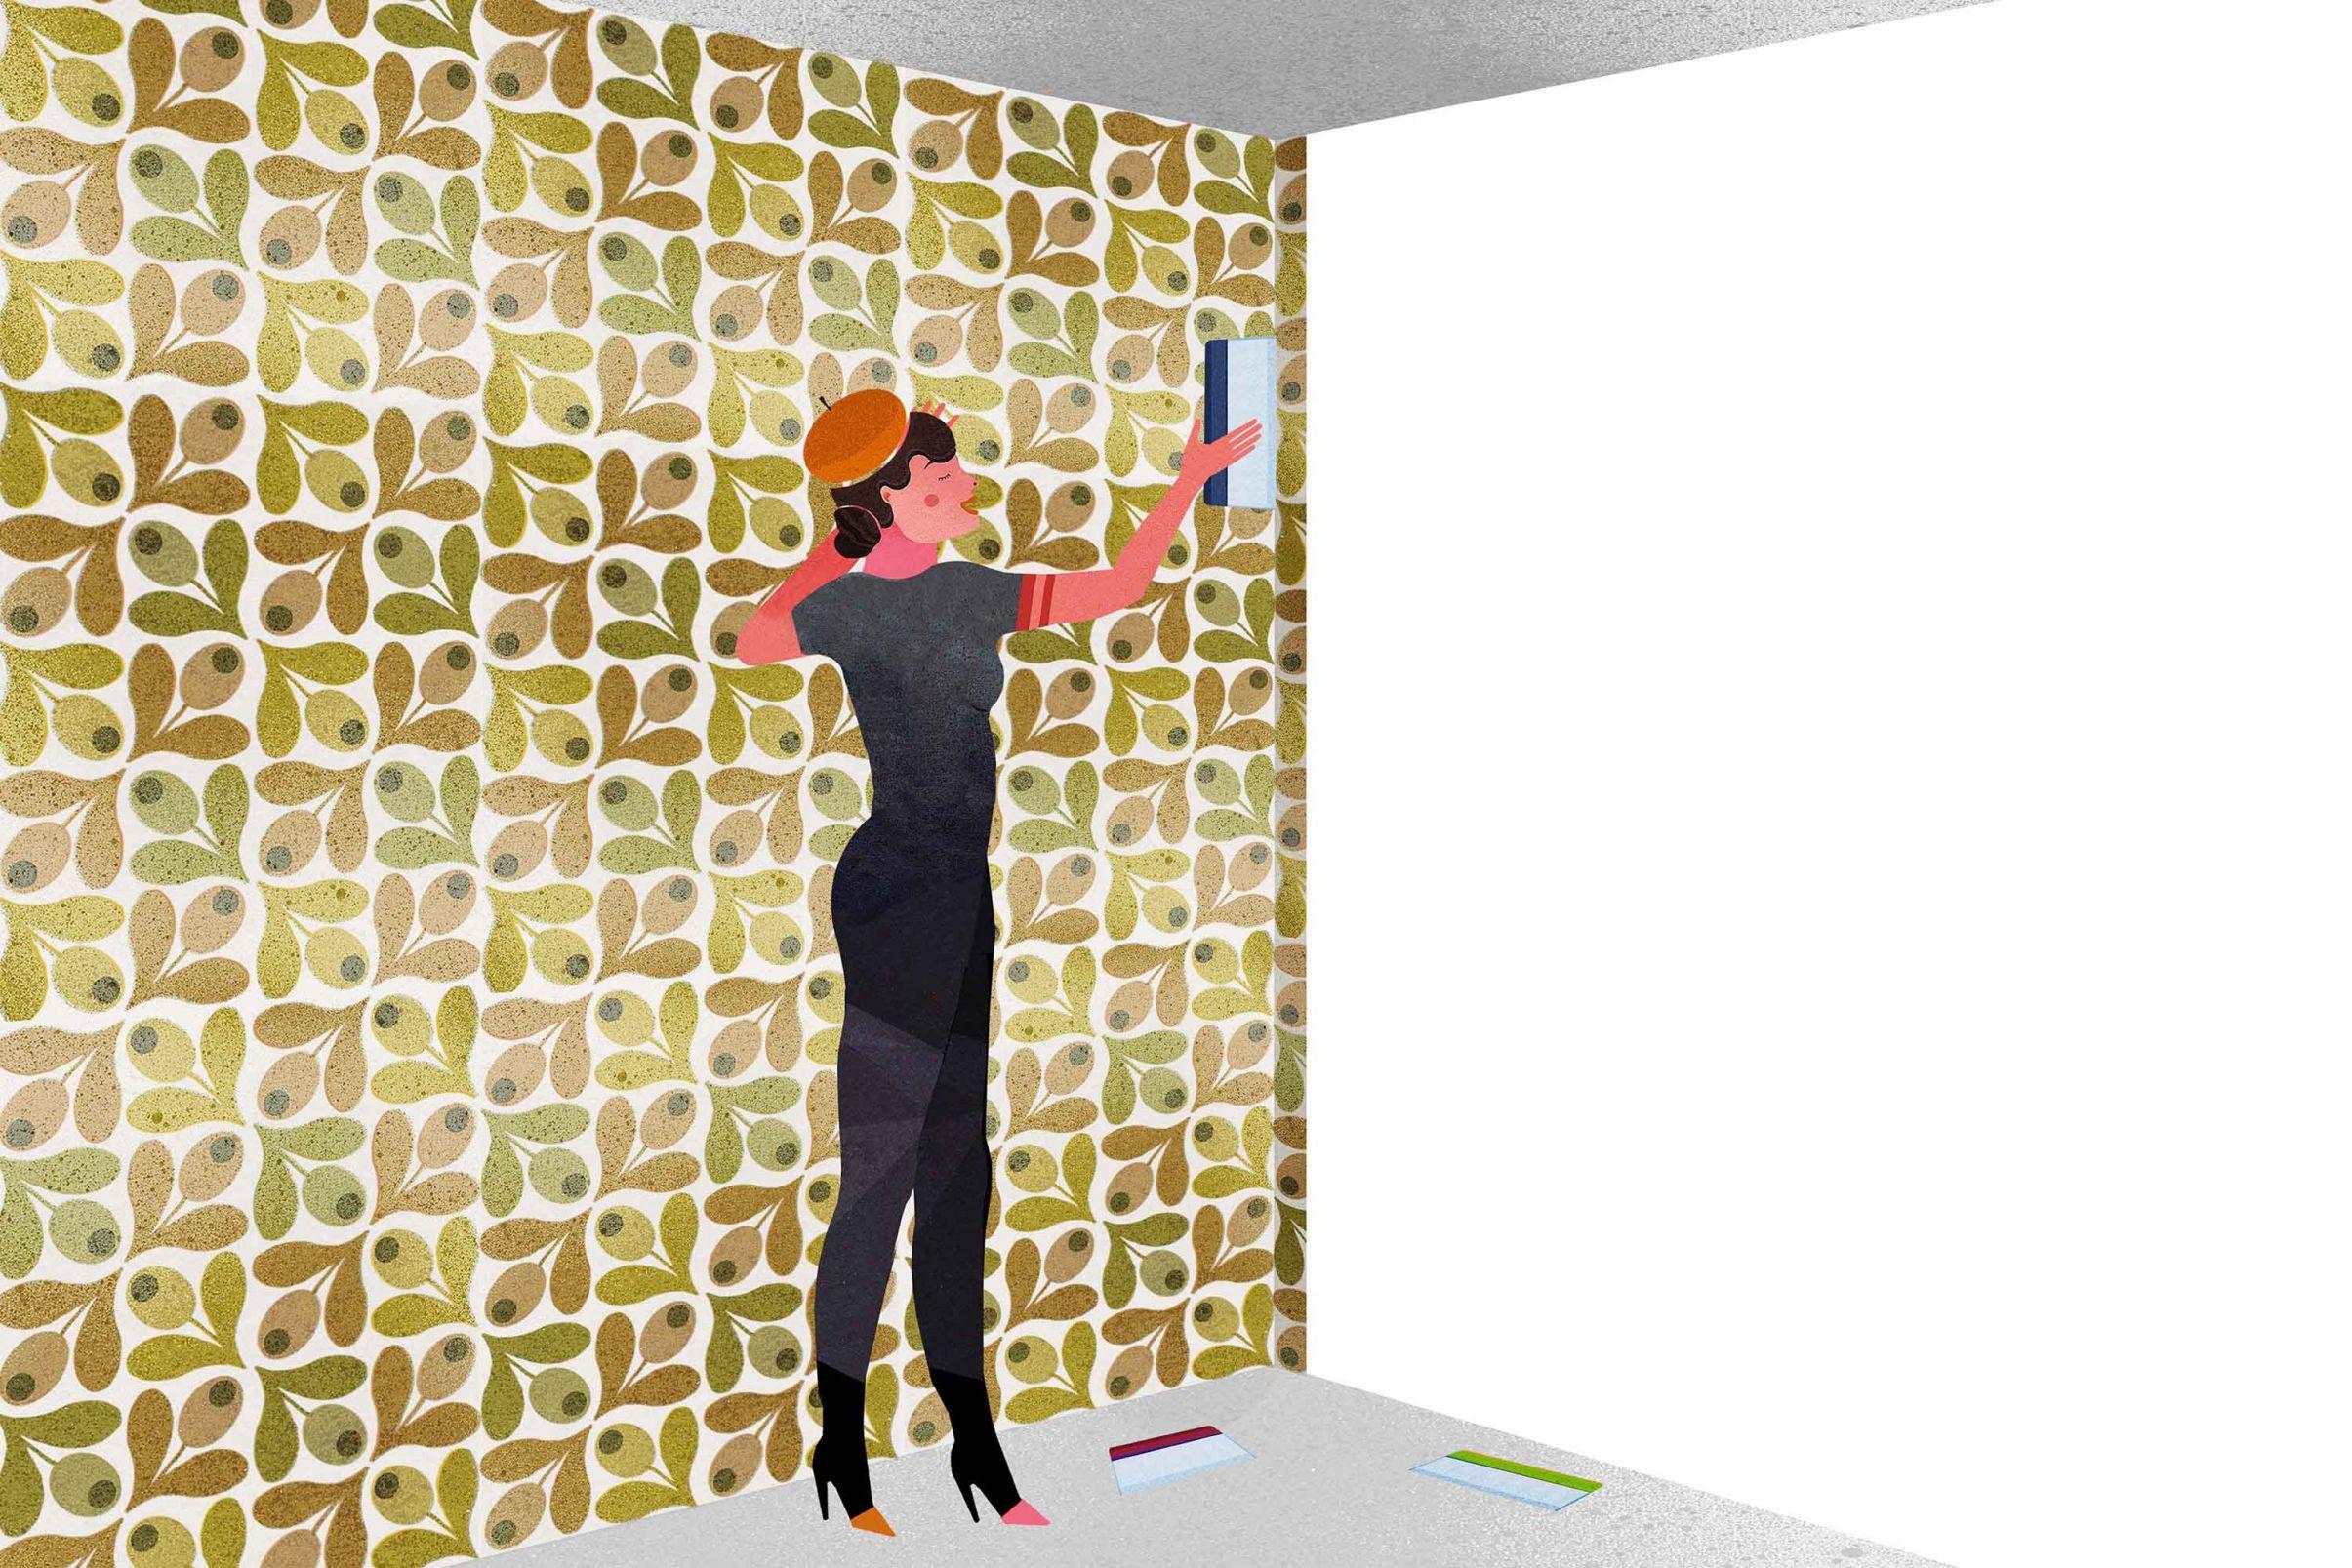 Como-colocar-papel-de-parede-em-cantos-Colocar-uma-faixa-de-papel-de-parede-em-torno-do-canto-inferior